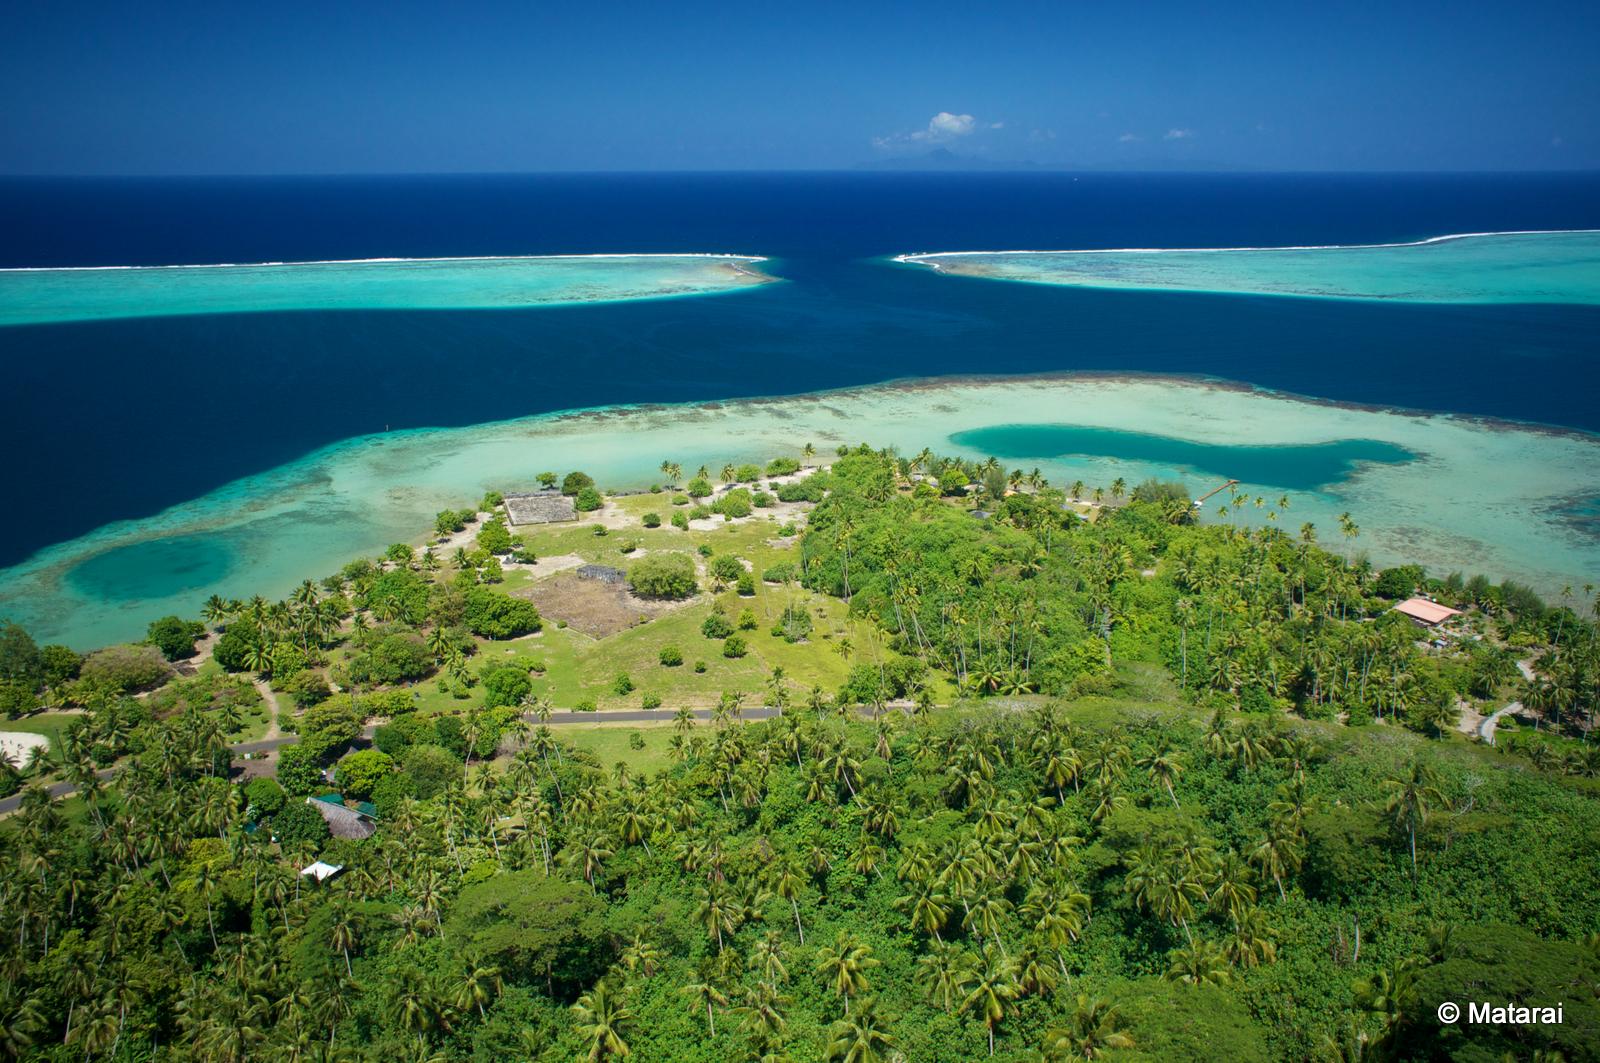 Taputapuātea forme un paysage culturel composé d'une partie terrestre et d'une partie marine.